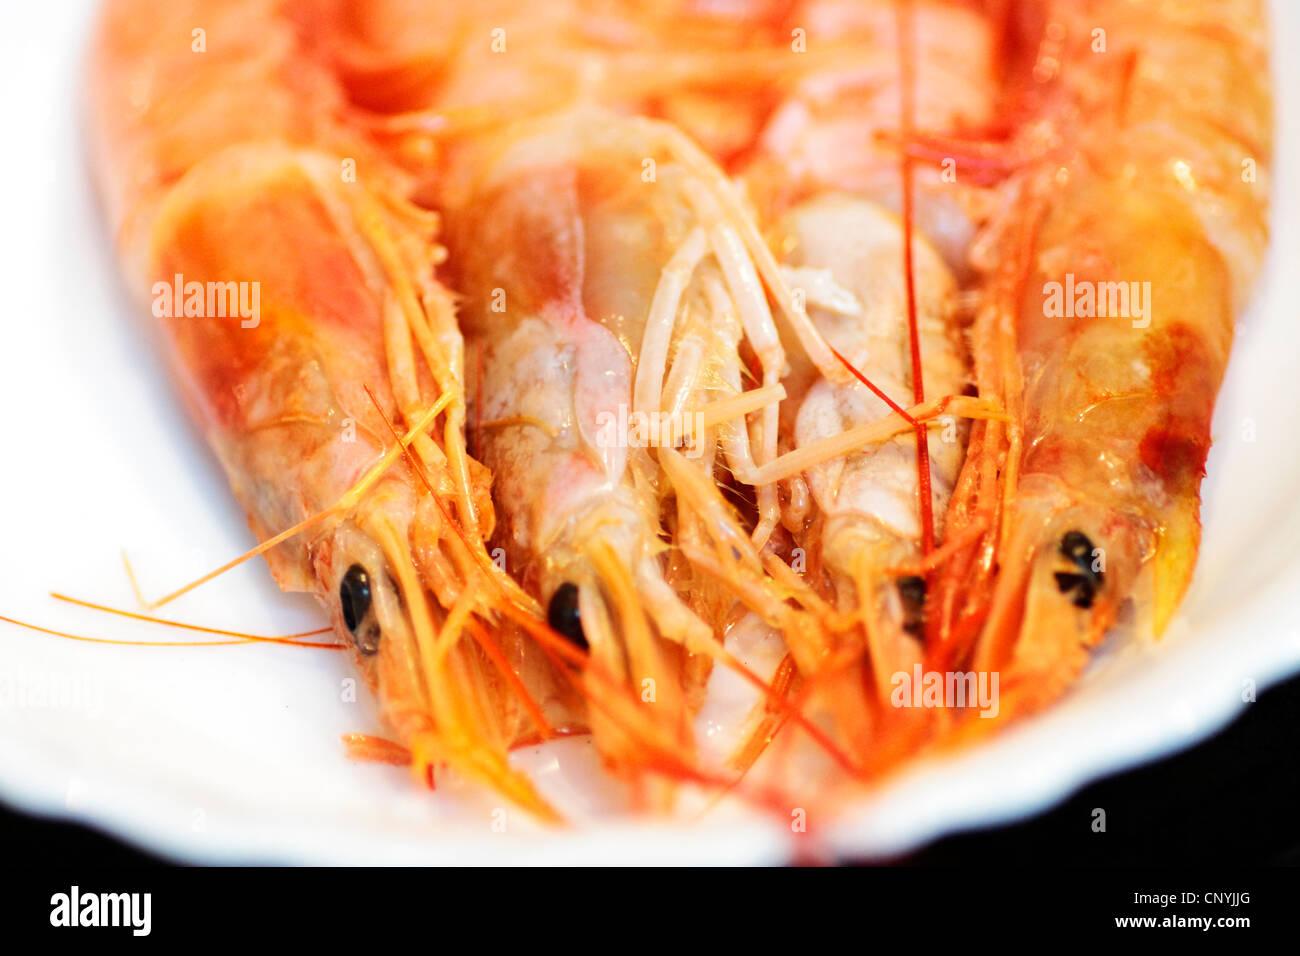 Les fruits de mer, de l'alimentation, crevette, crustacés, cuisine, casse-croûte, orange, frit, préparé, ingrédient, plaque, gourmet, Delicious, grill, barbecu Banque D'Images